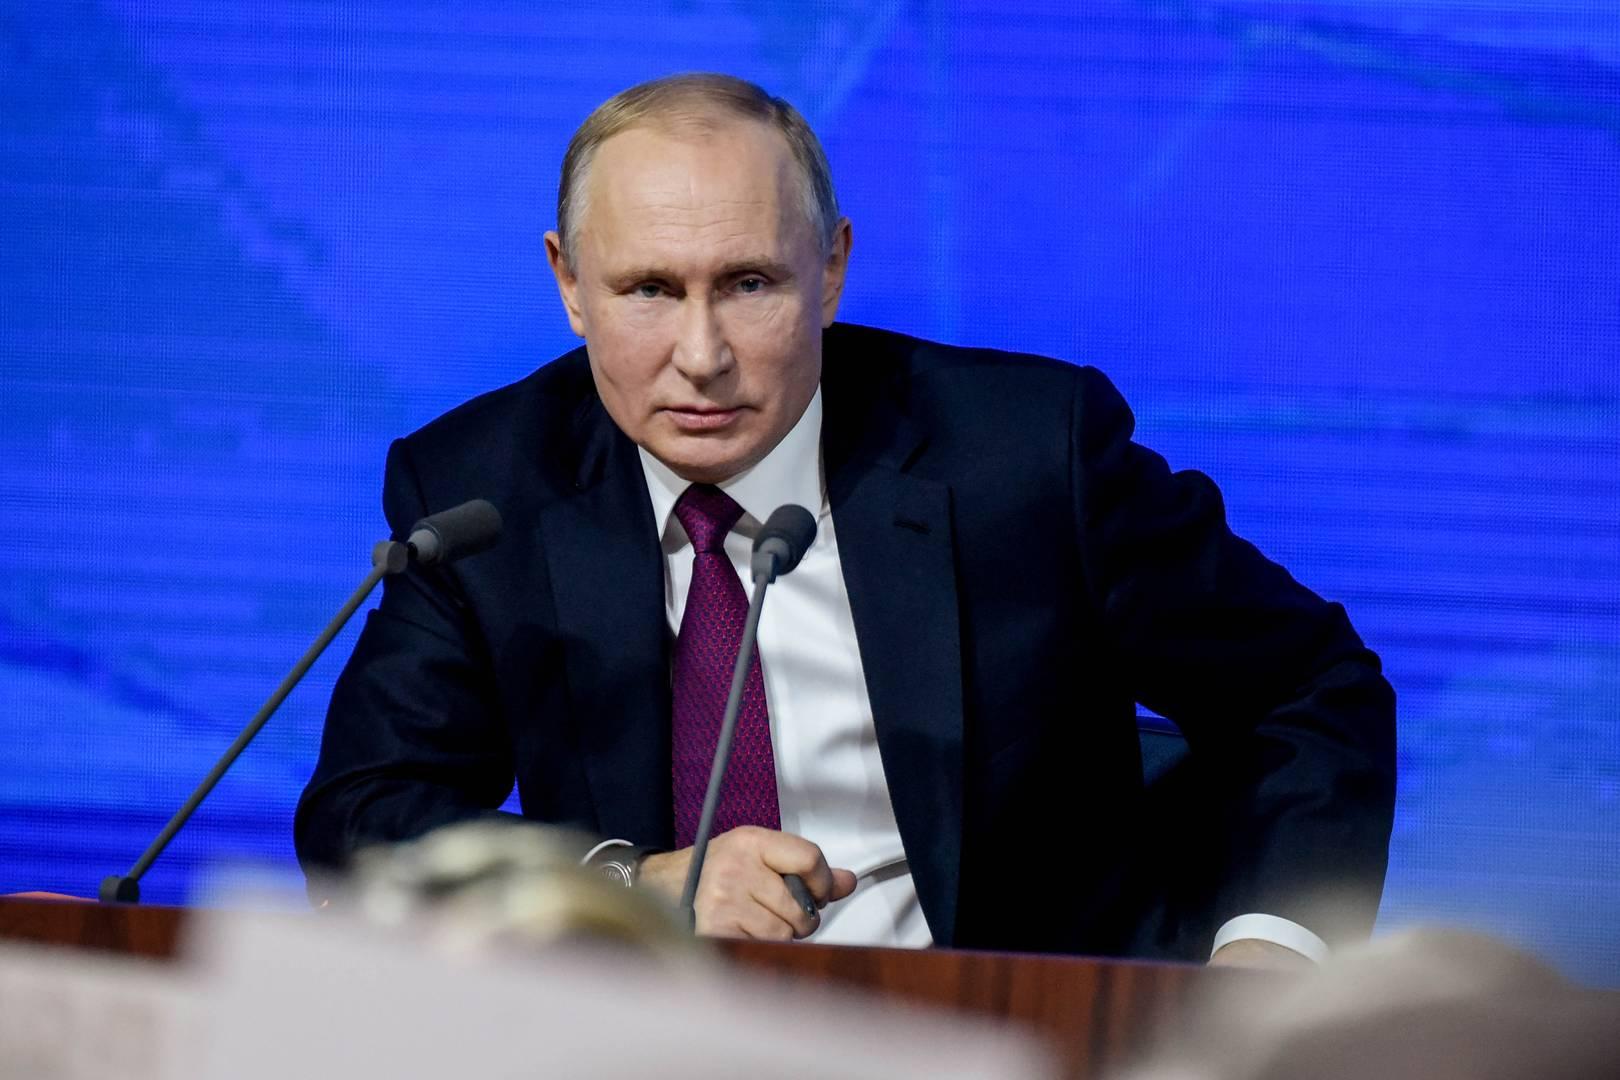 Владимир Путин на большой пресс-конференции 19 декабря 2019 г.